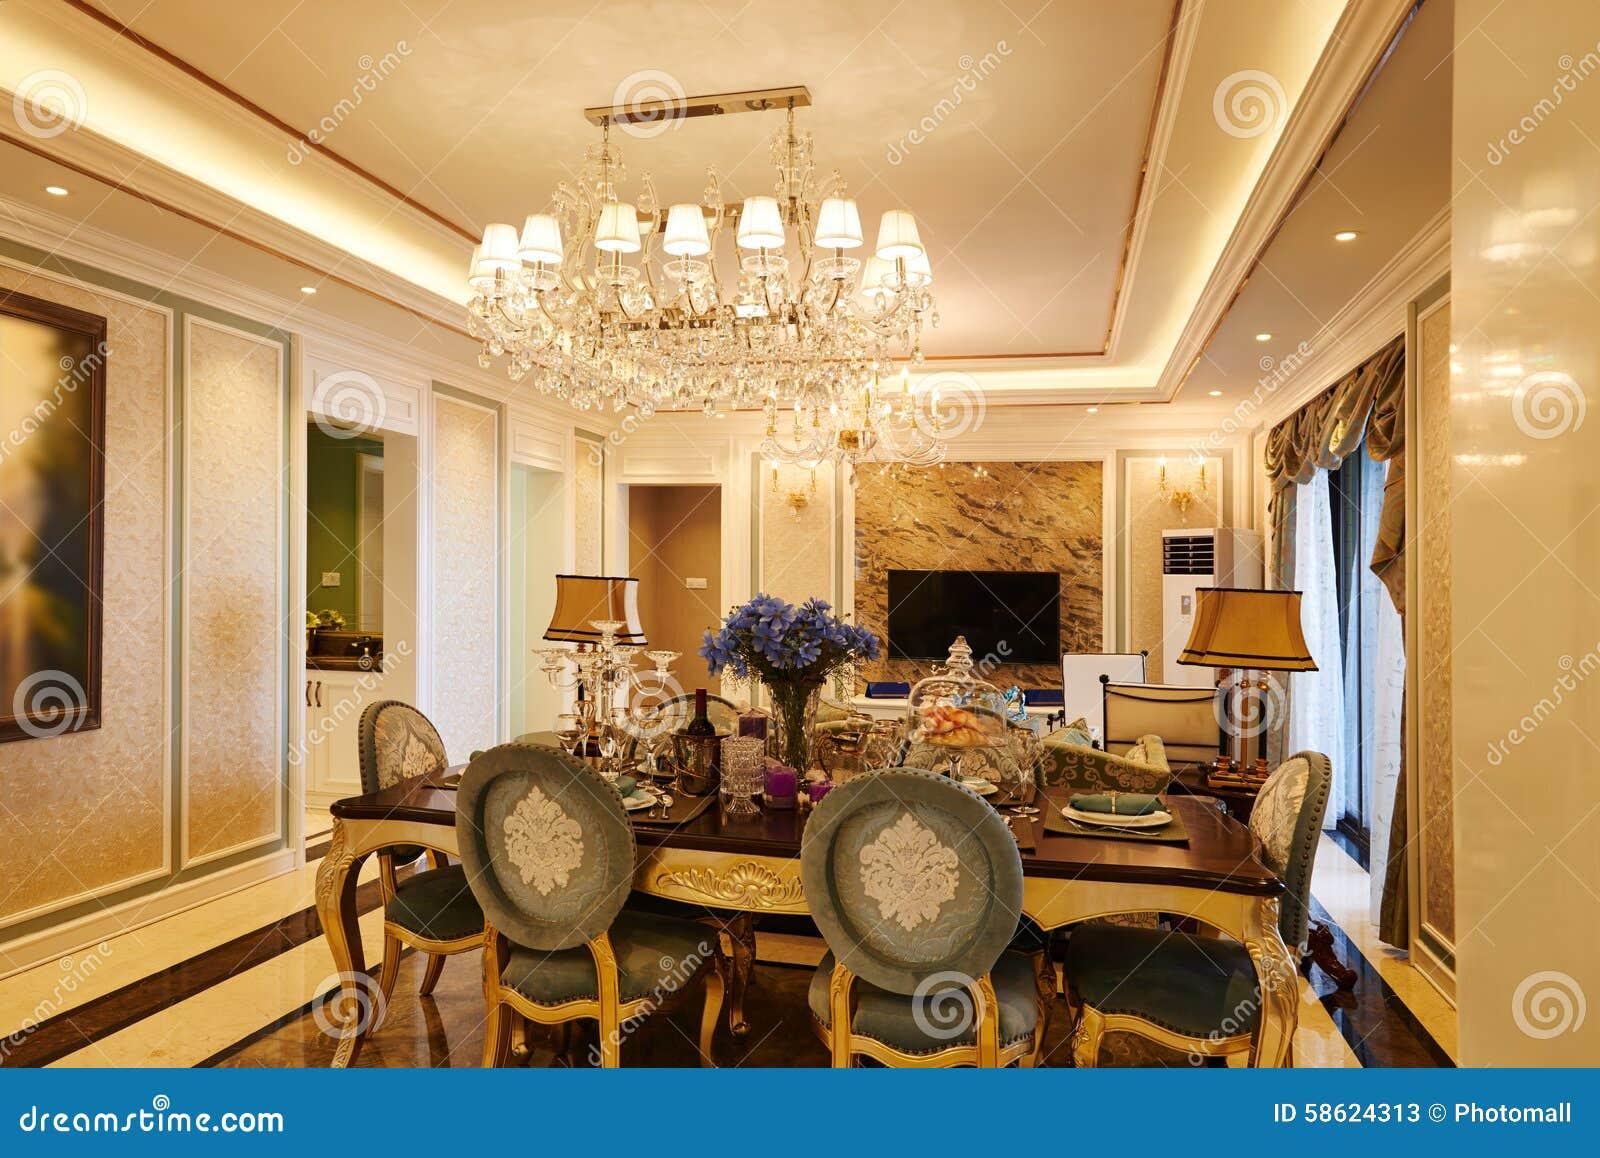 Lyxig vardagsrum med crystal belysning arkivfoto   bild: 58624313